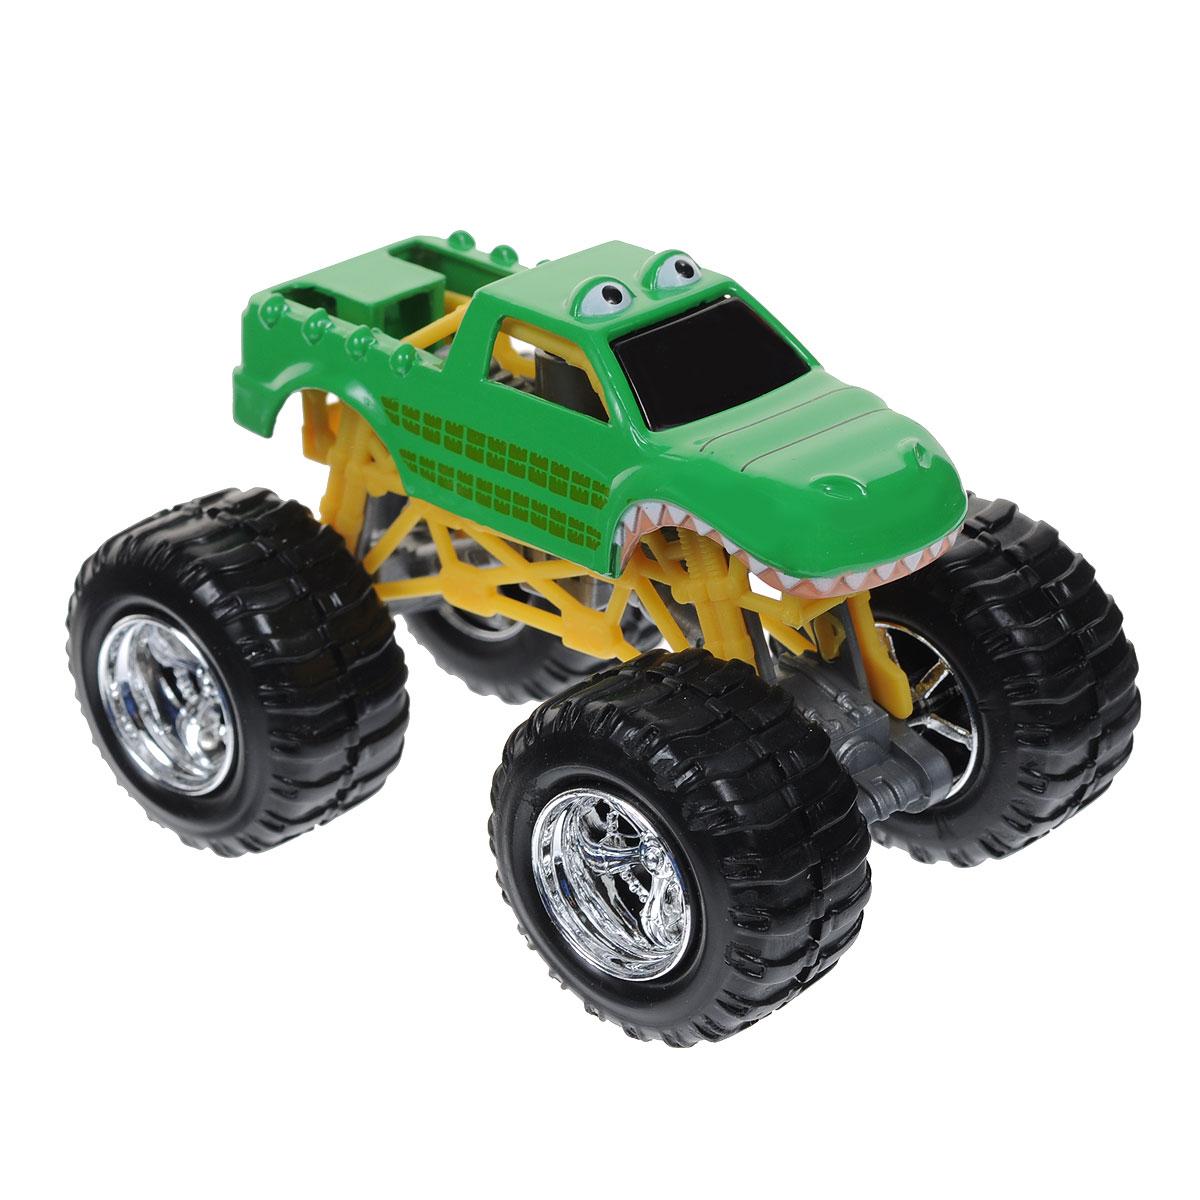 Купить Машинка MotorMax Багги , цвет: зеленый, желтый, MOTORMAX TOY FACTORY, Машинки